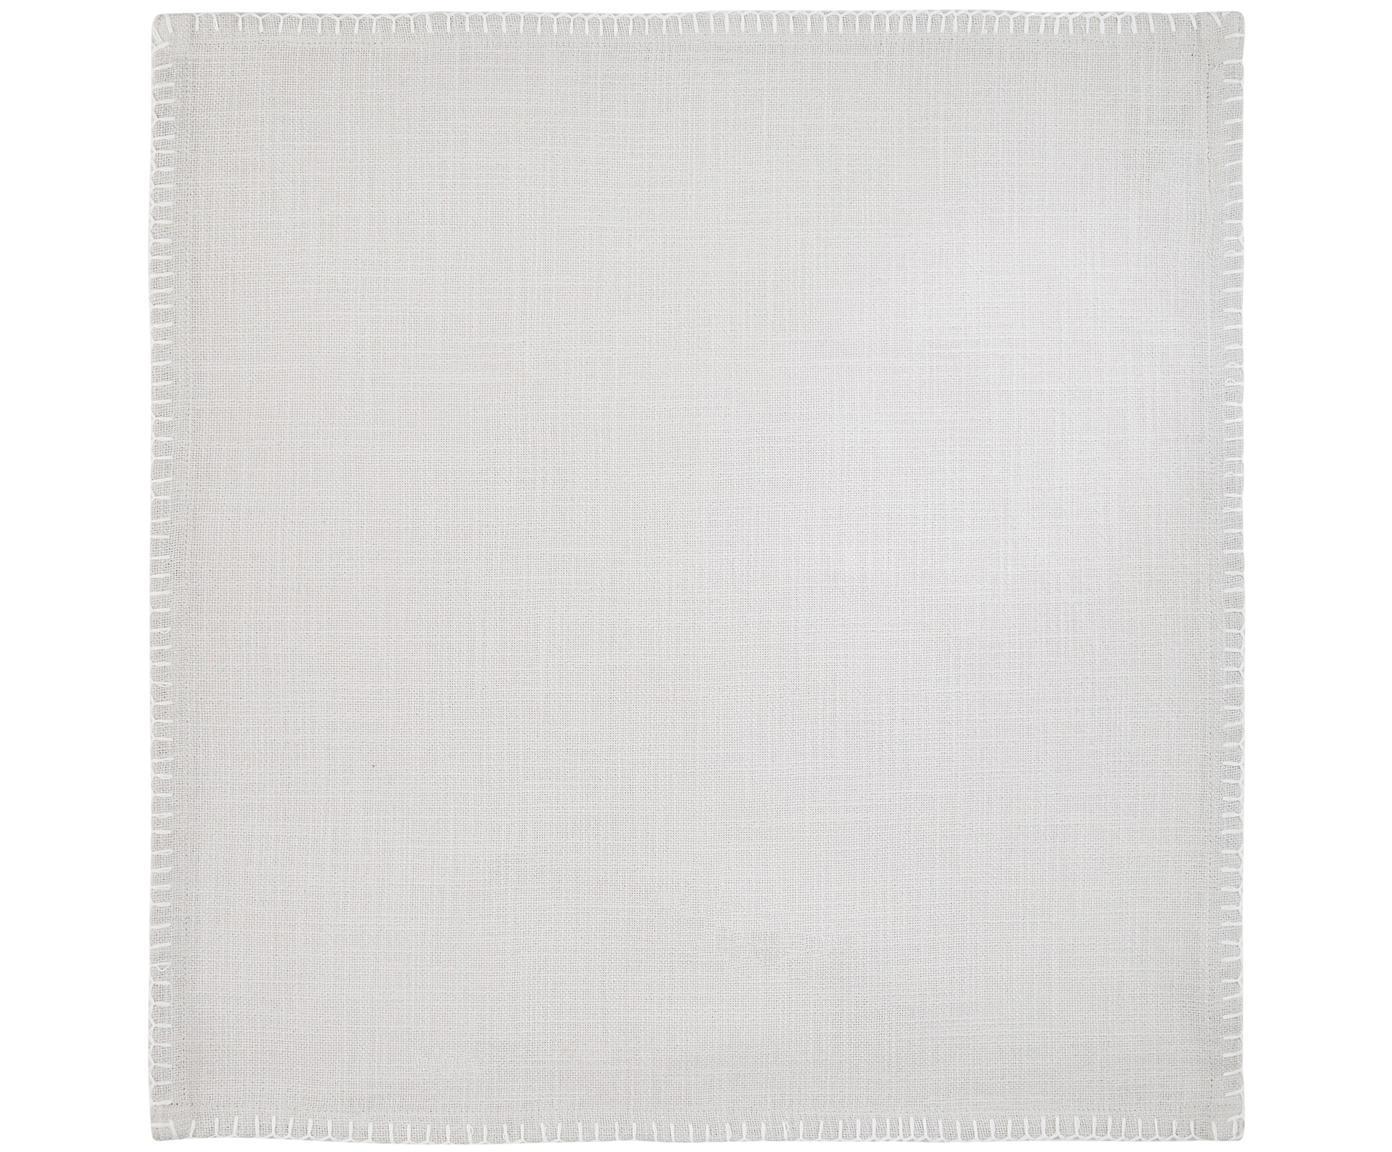 Katoenen servetten Finca, 2 stuks, Katoen, Grijs, 42 x 42 cm